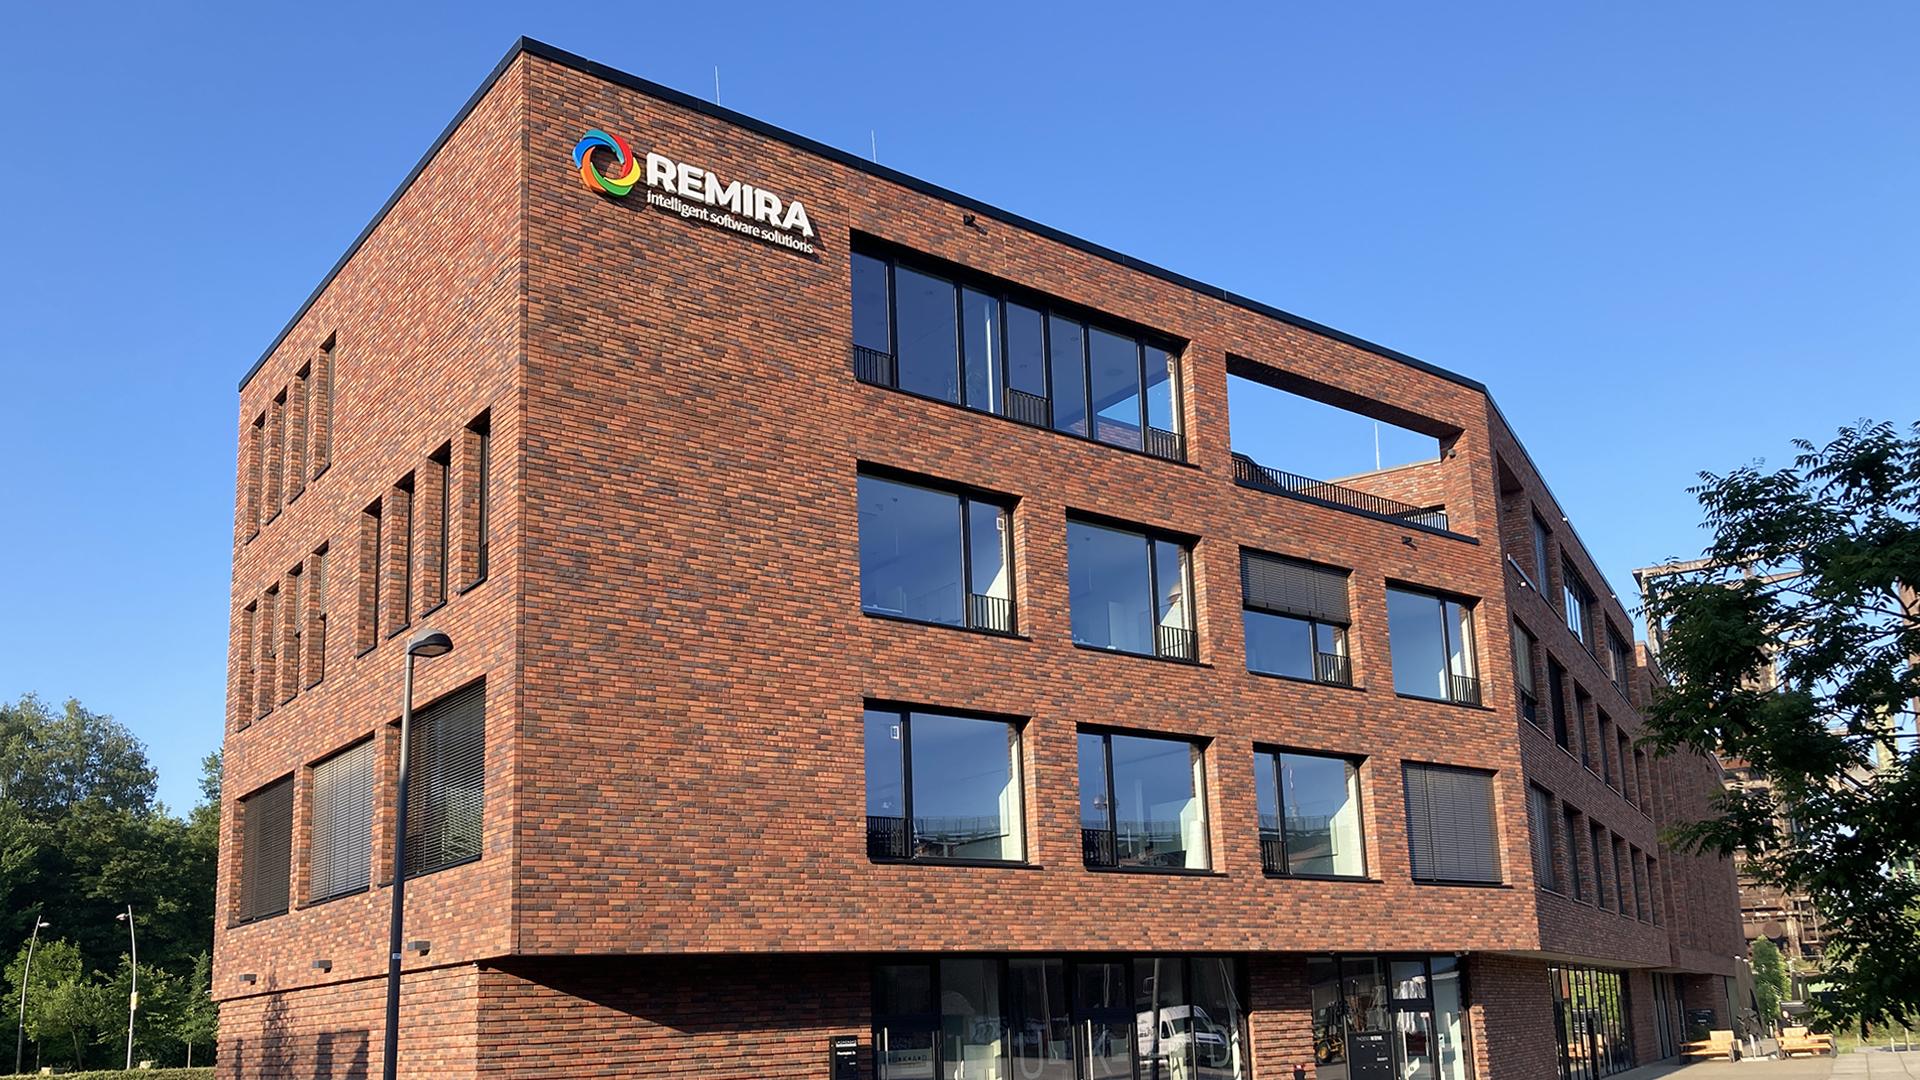 REMIRA-Gebäude_fhd